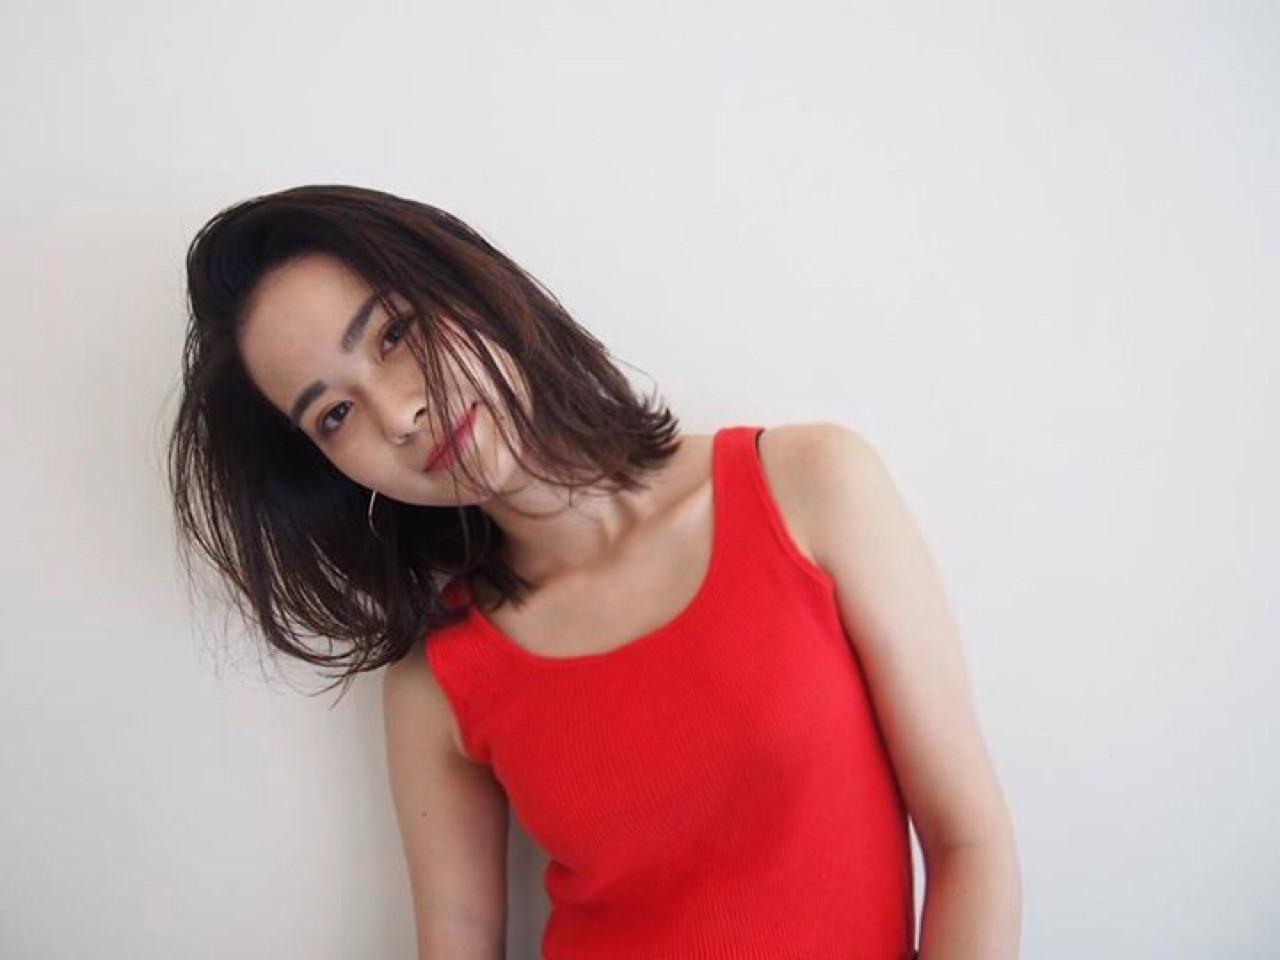 前髪なしストレートボブヘアで女性らしさアピール 磯田 基徳